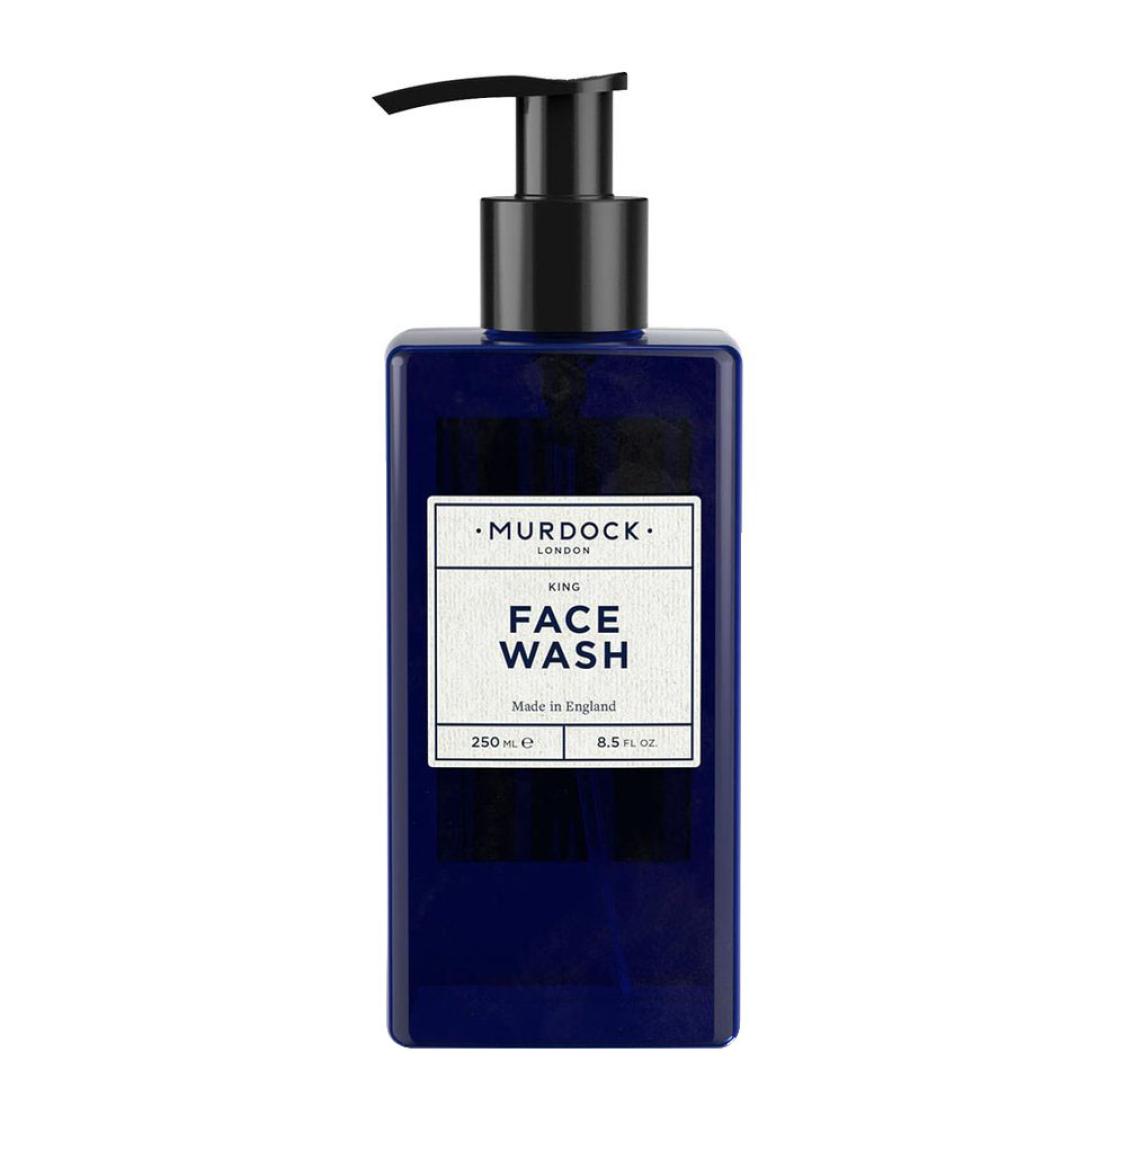 Murdock London Face Wash